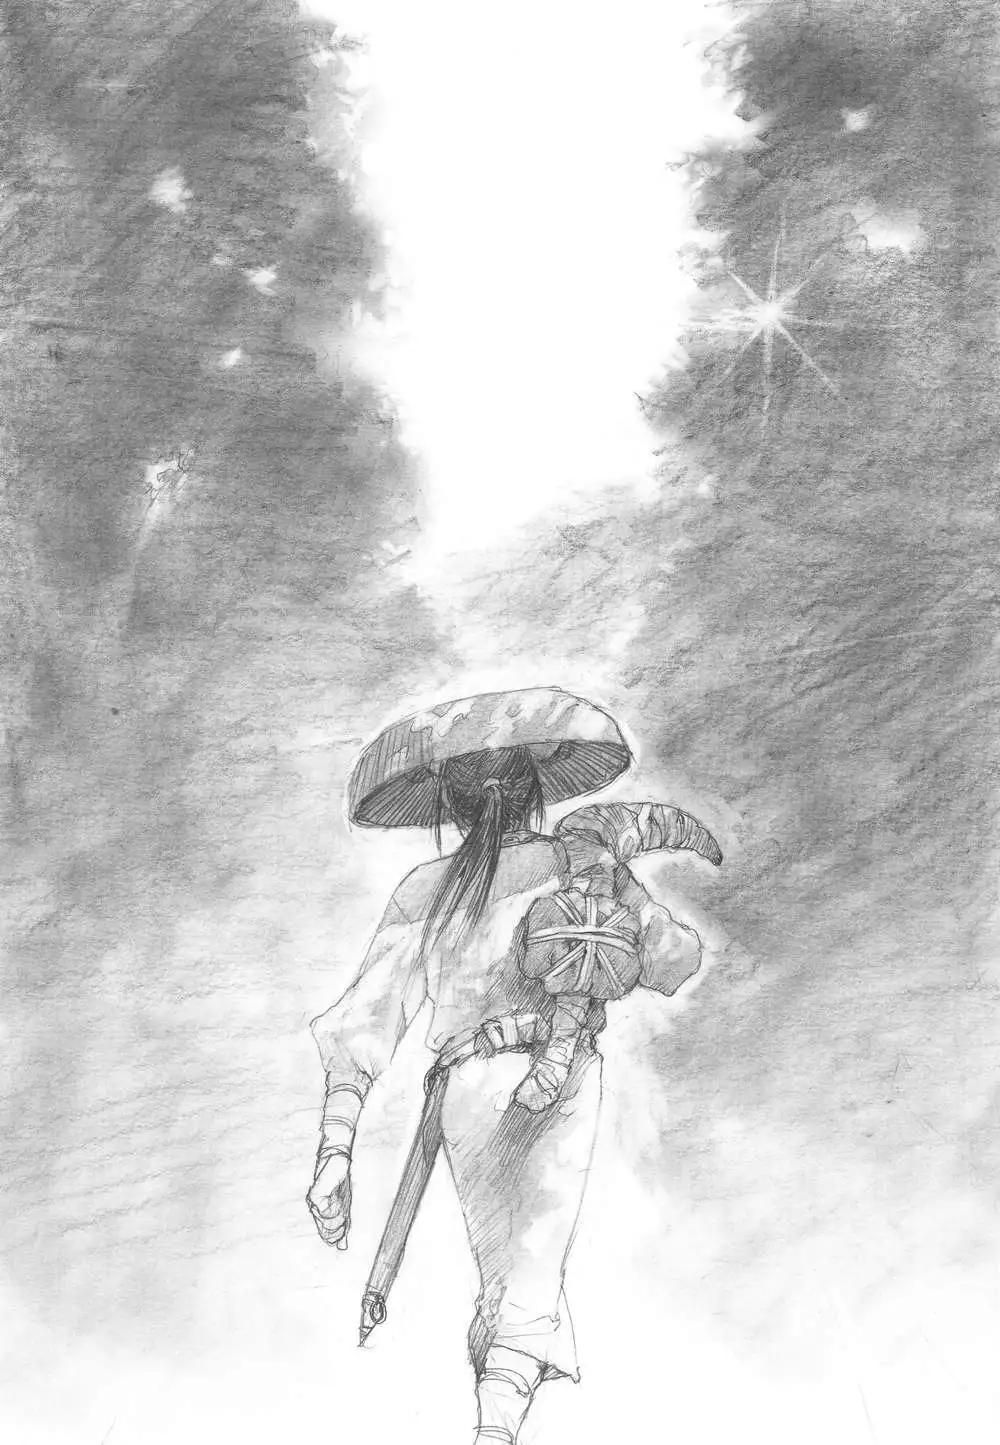 艷浪 無限之住人畫集全一冊 艷浪 無限之住人畫集漫畫 看漫畫繁體版 イラスト 画 絵画